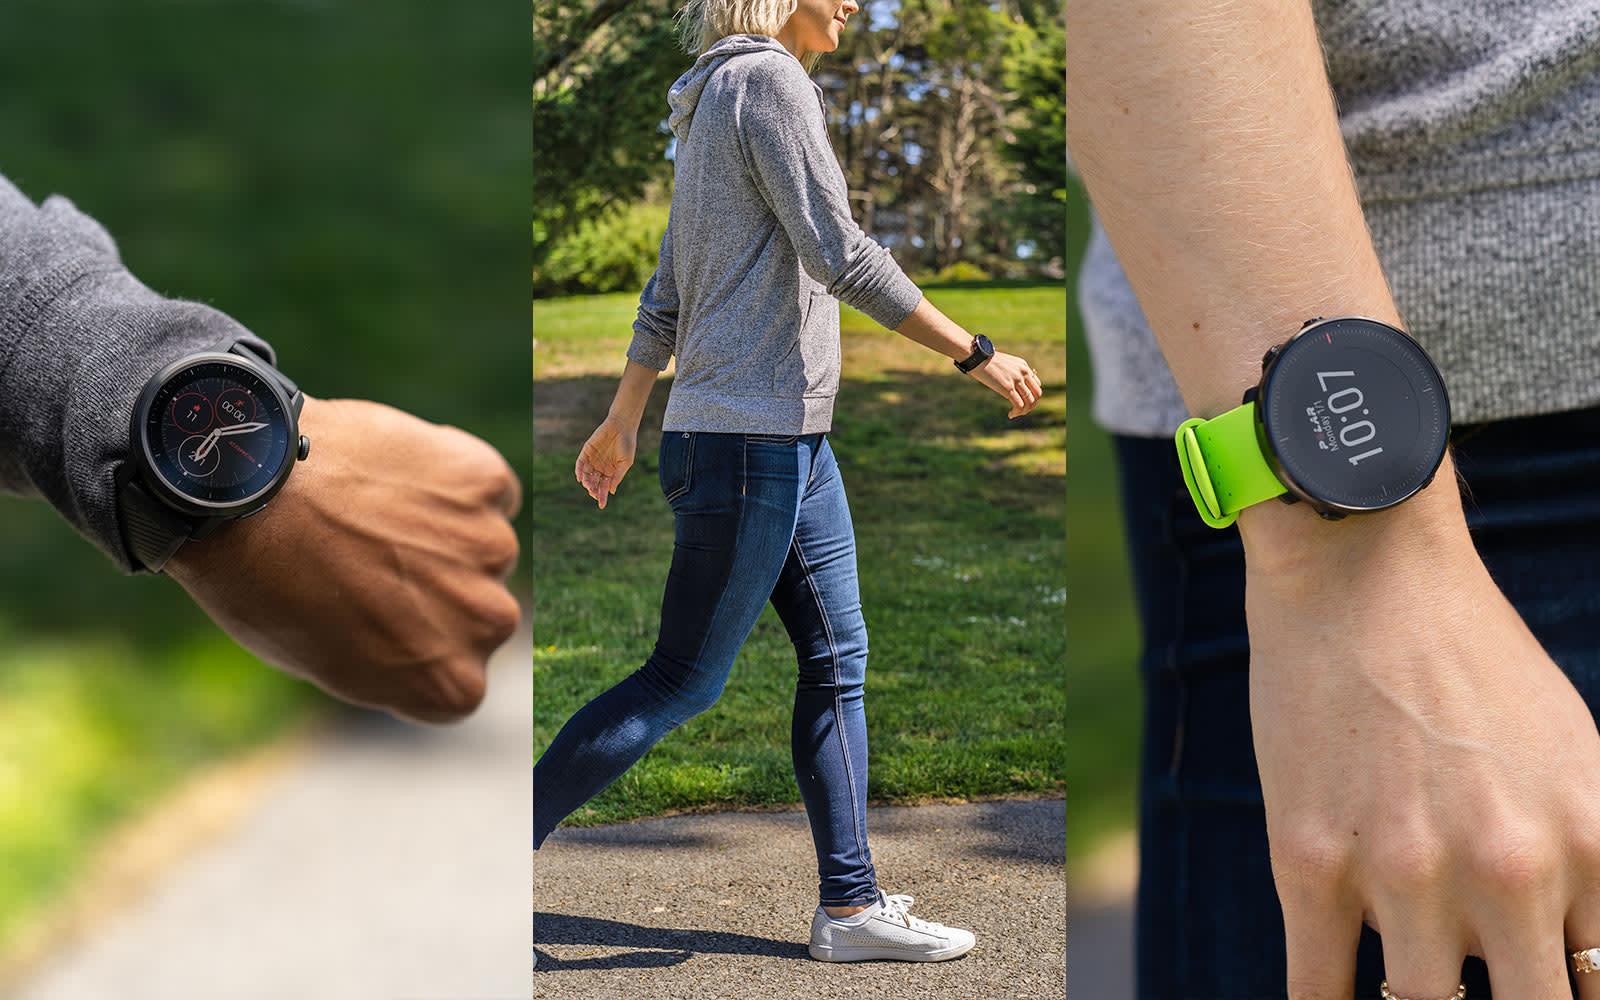 Şu anda satın alabileceğiniz en iyi GPS koşu saatleri | Engadget